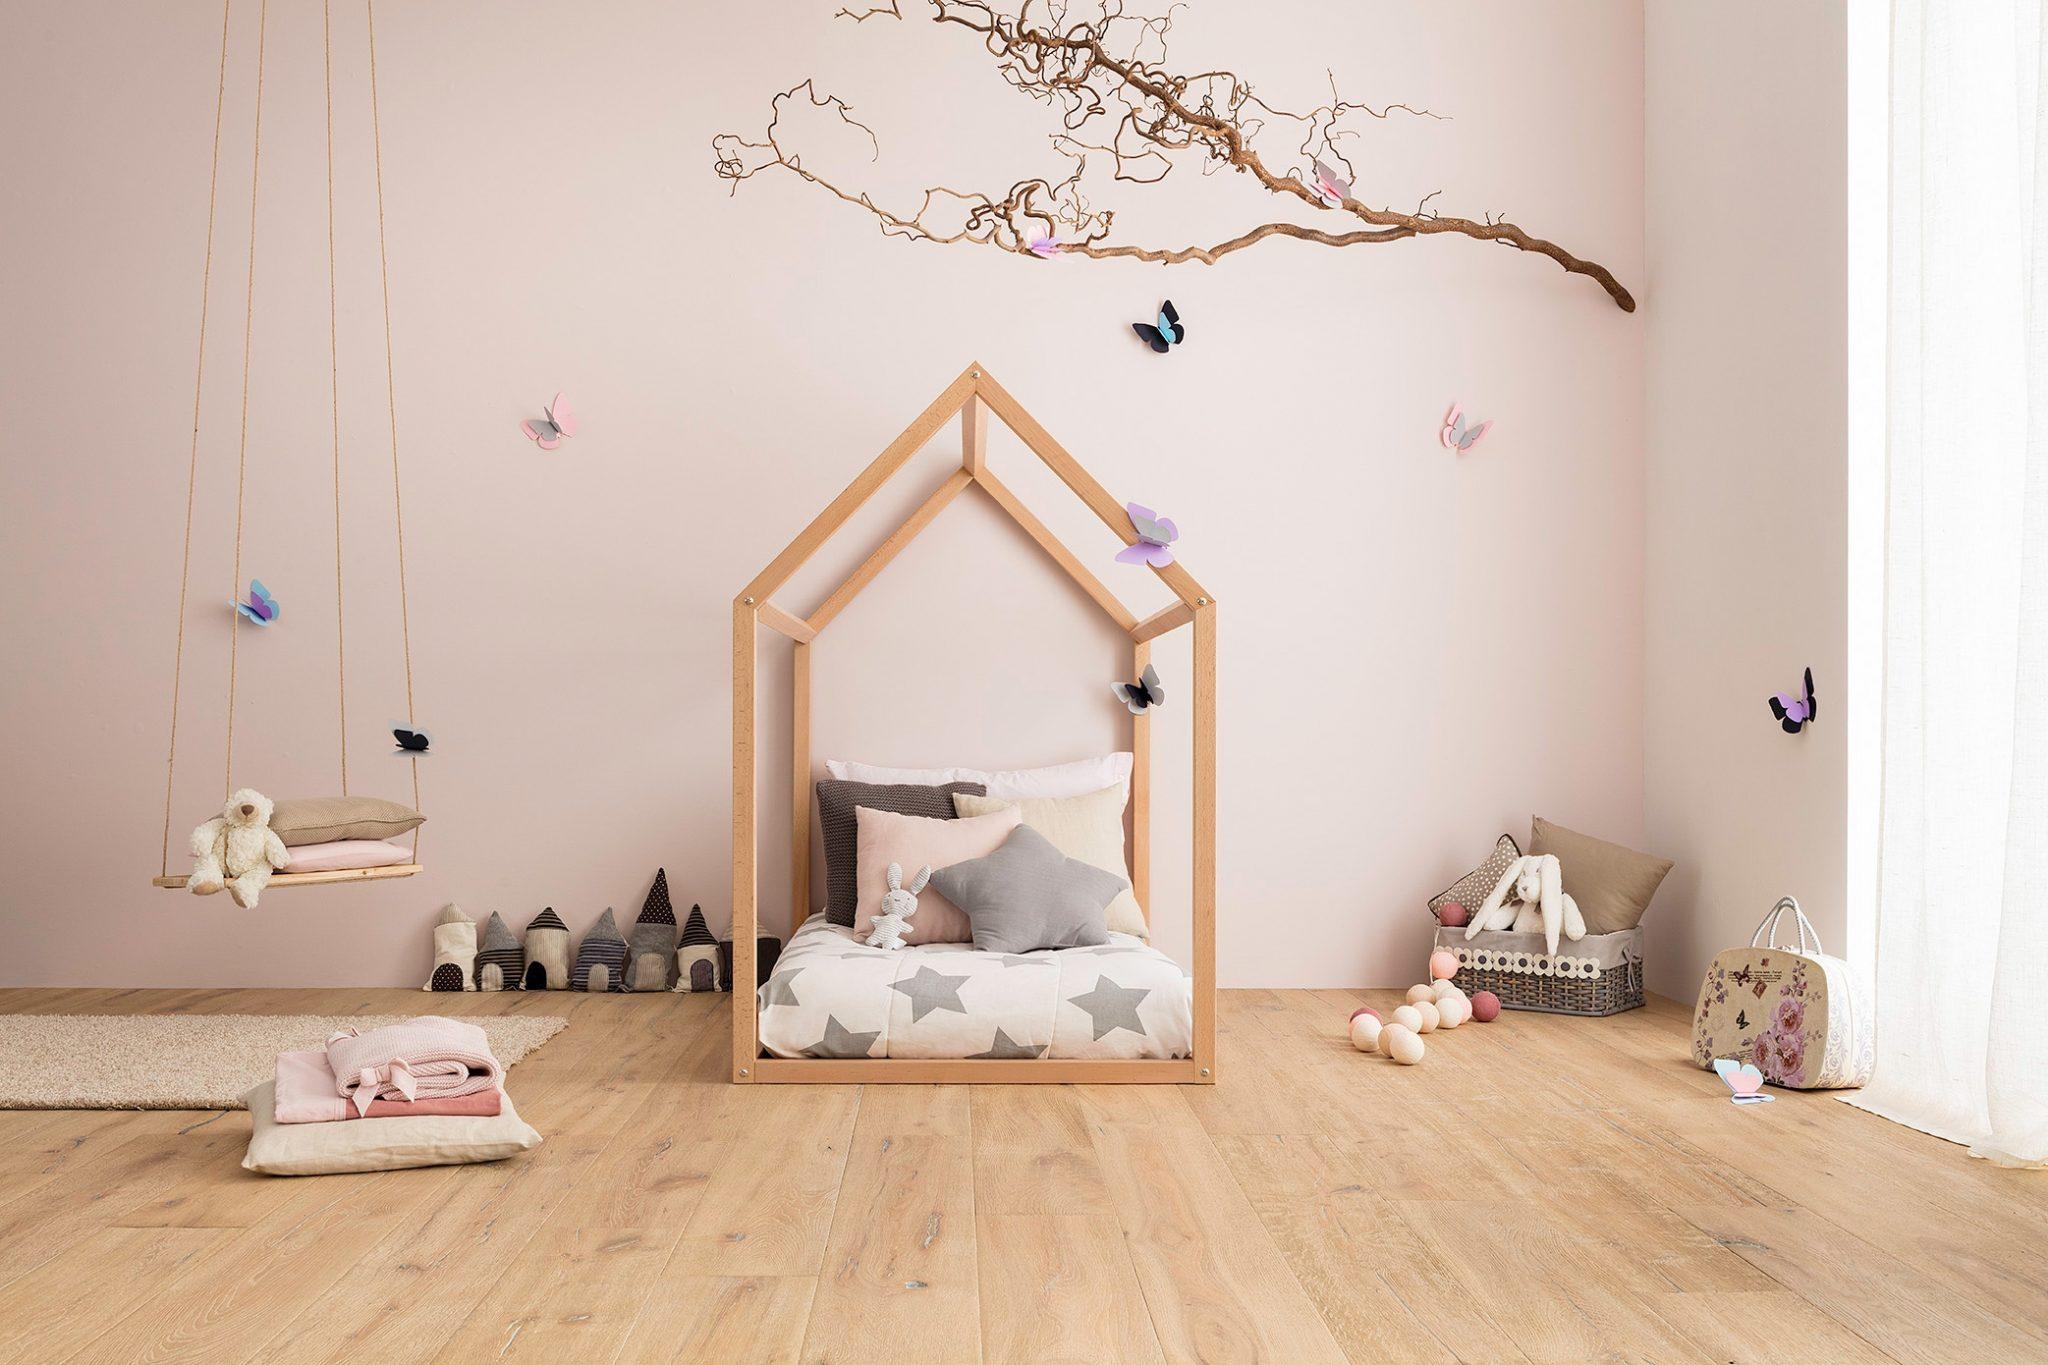 Mettere Il Materasso Per Terra lettini montessori per bambini: i più belli e comodi